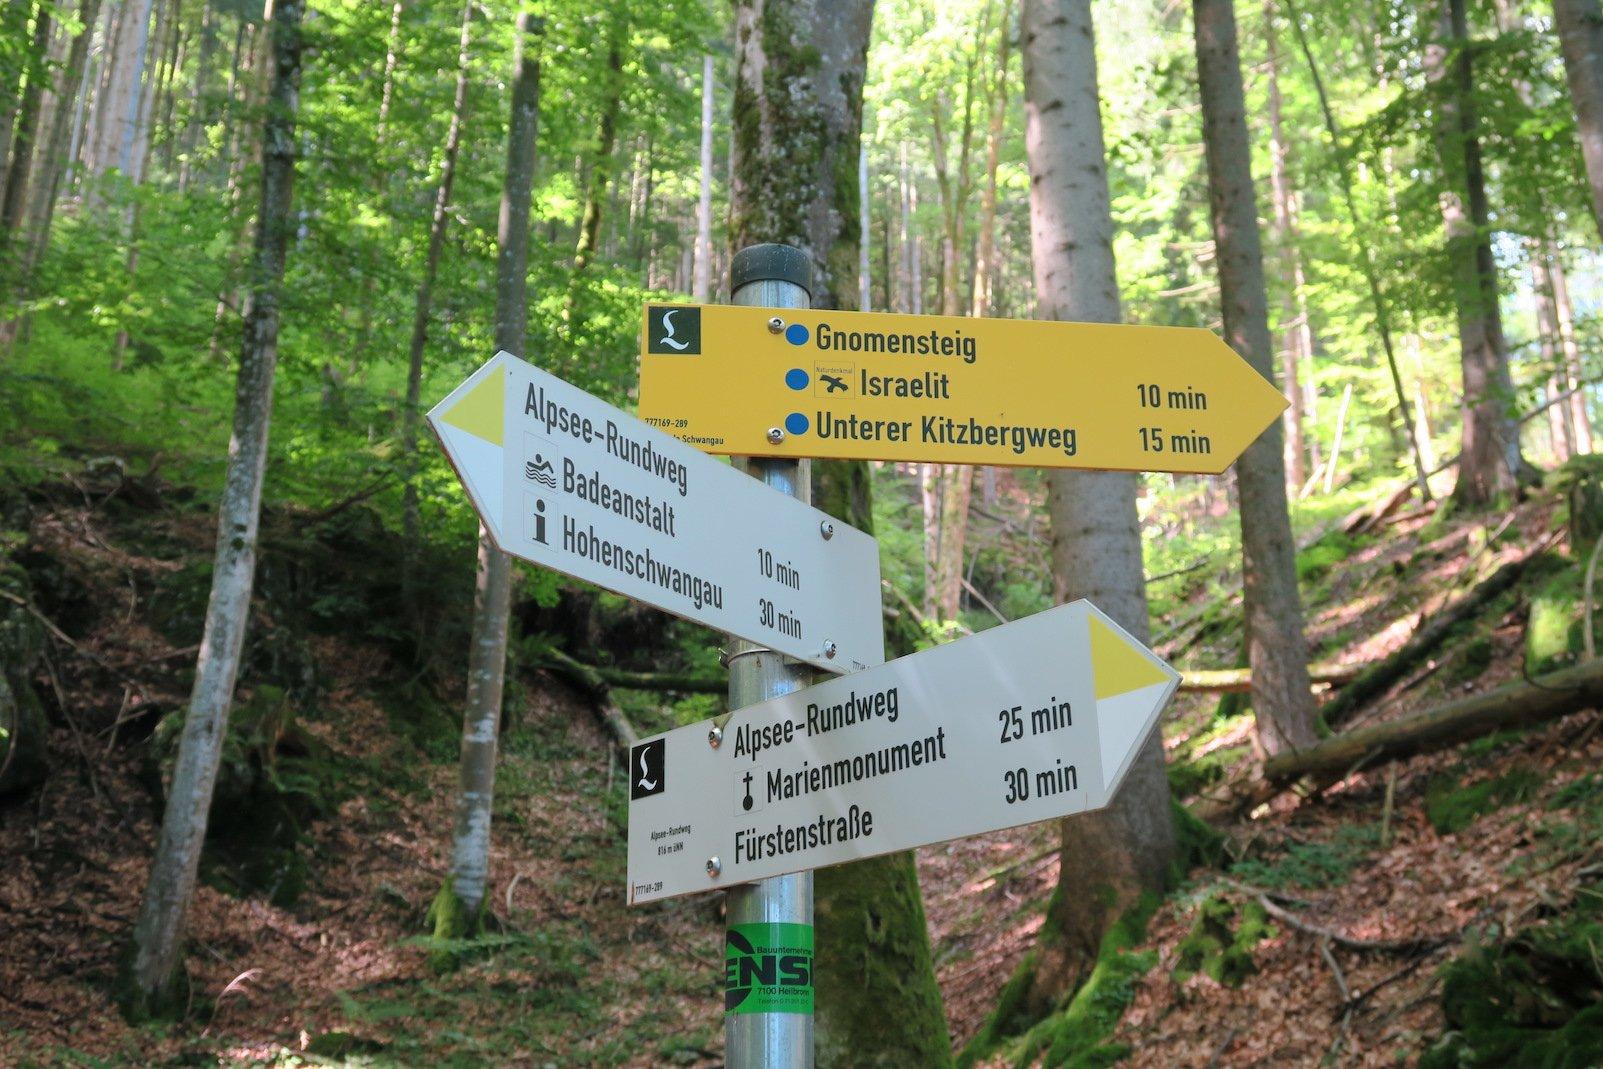 Wegweiser Alpsee-Rundweg